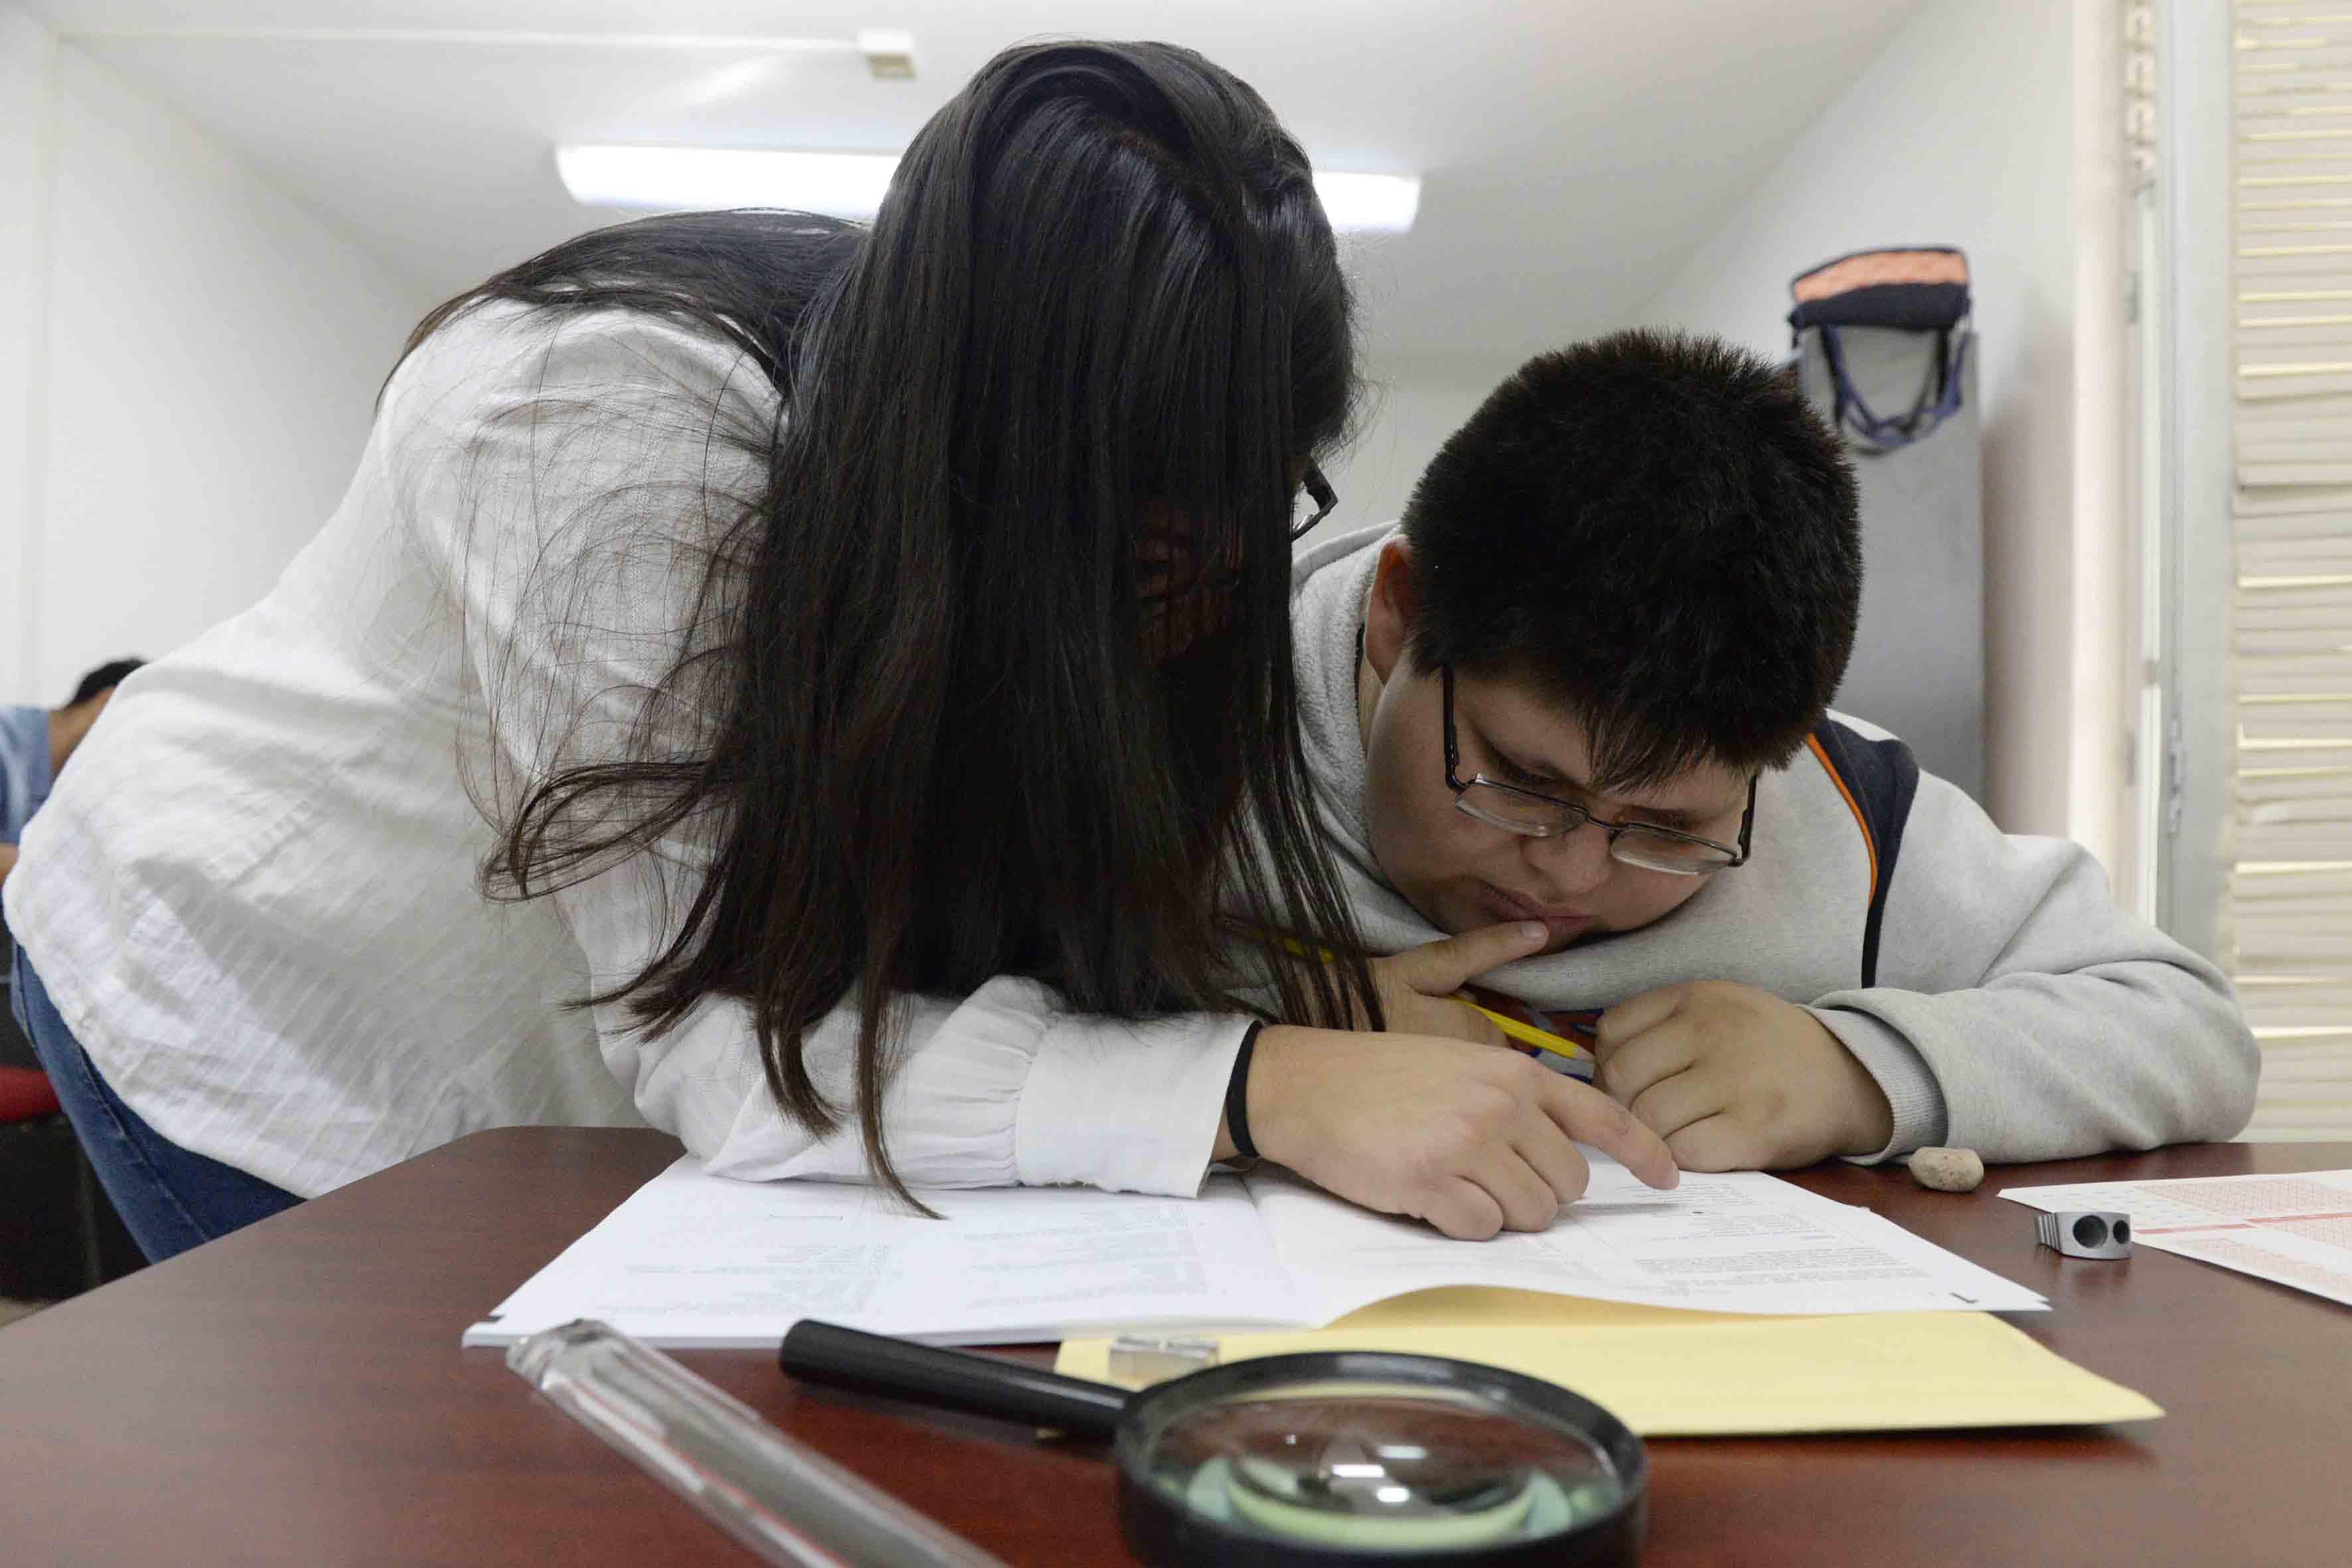 Estudiante con Discapacidad Visual realizando examen escrito, mediante la interpretación de un lector profesional.